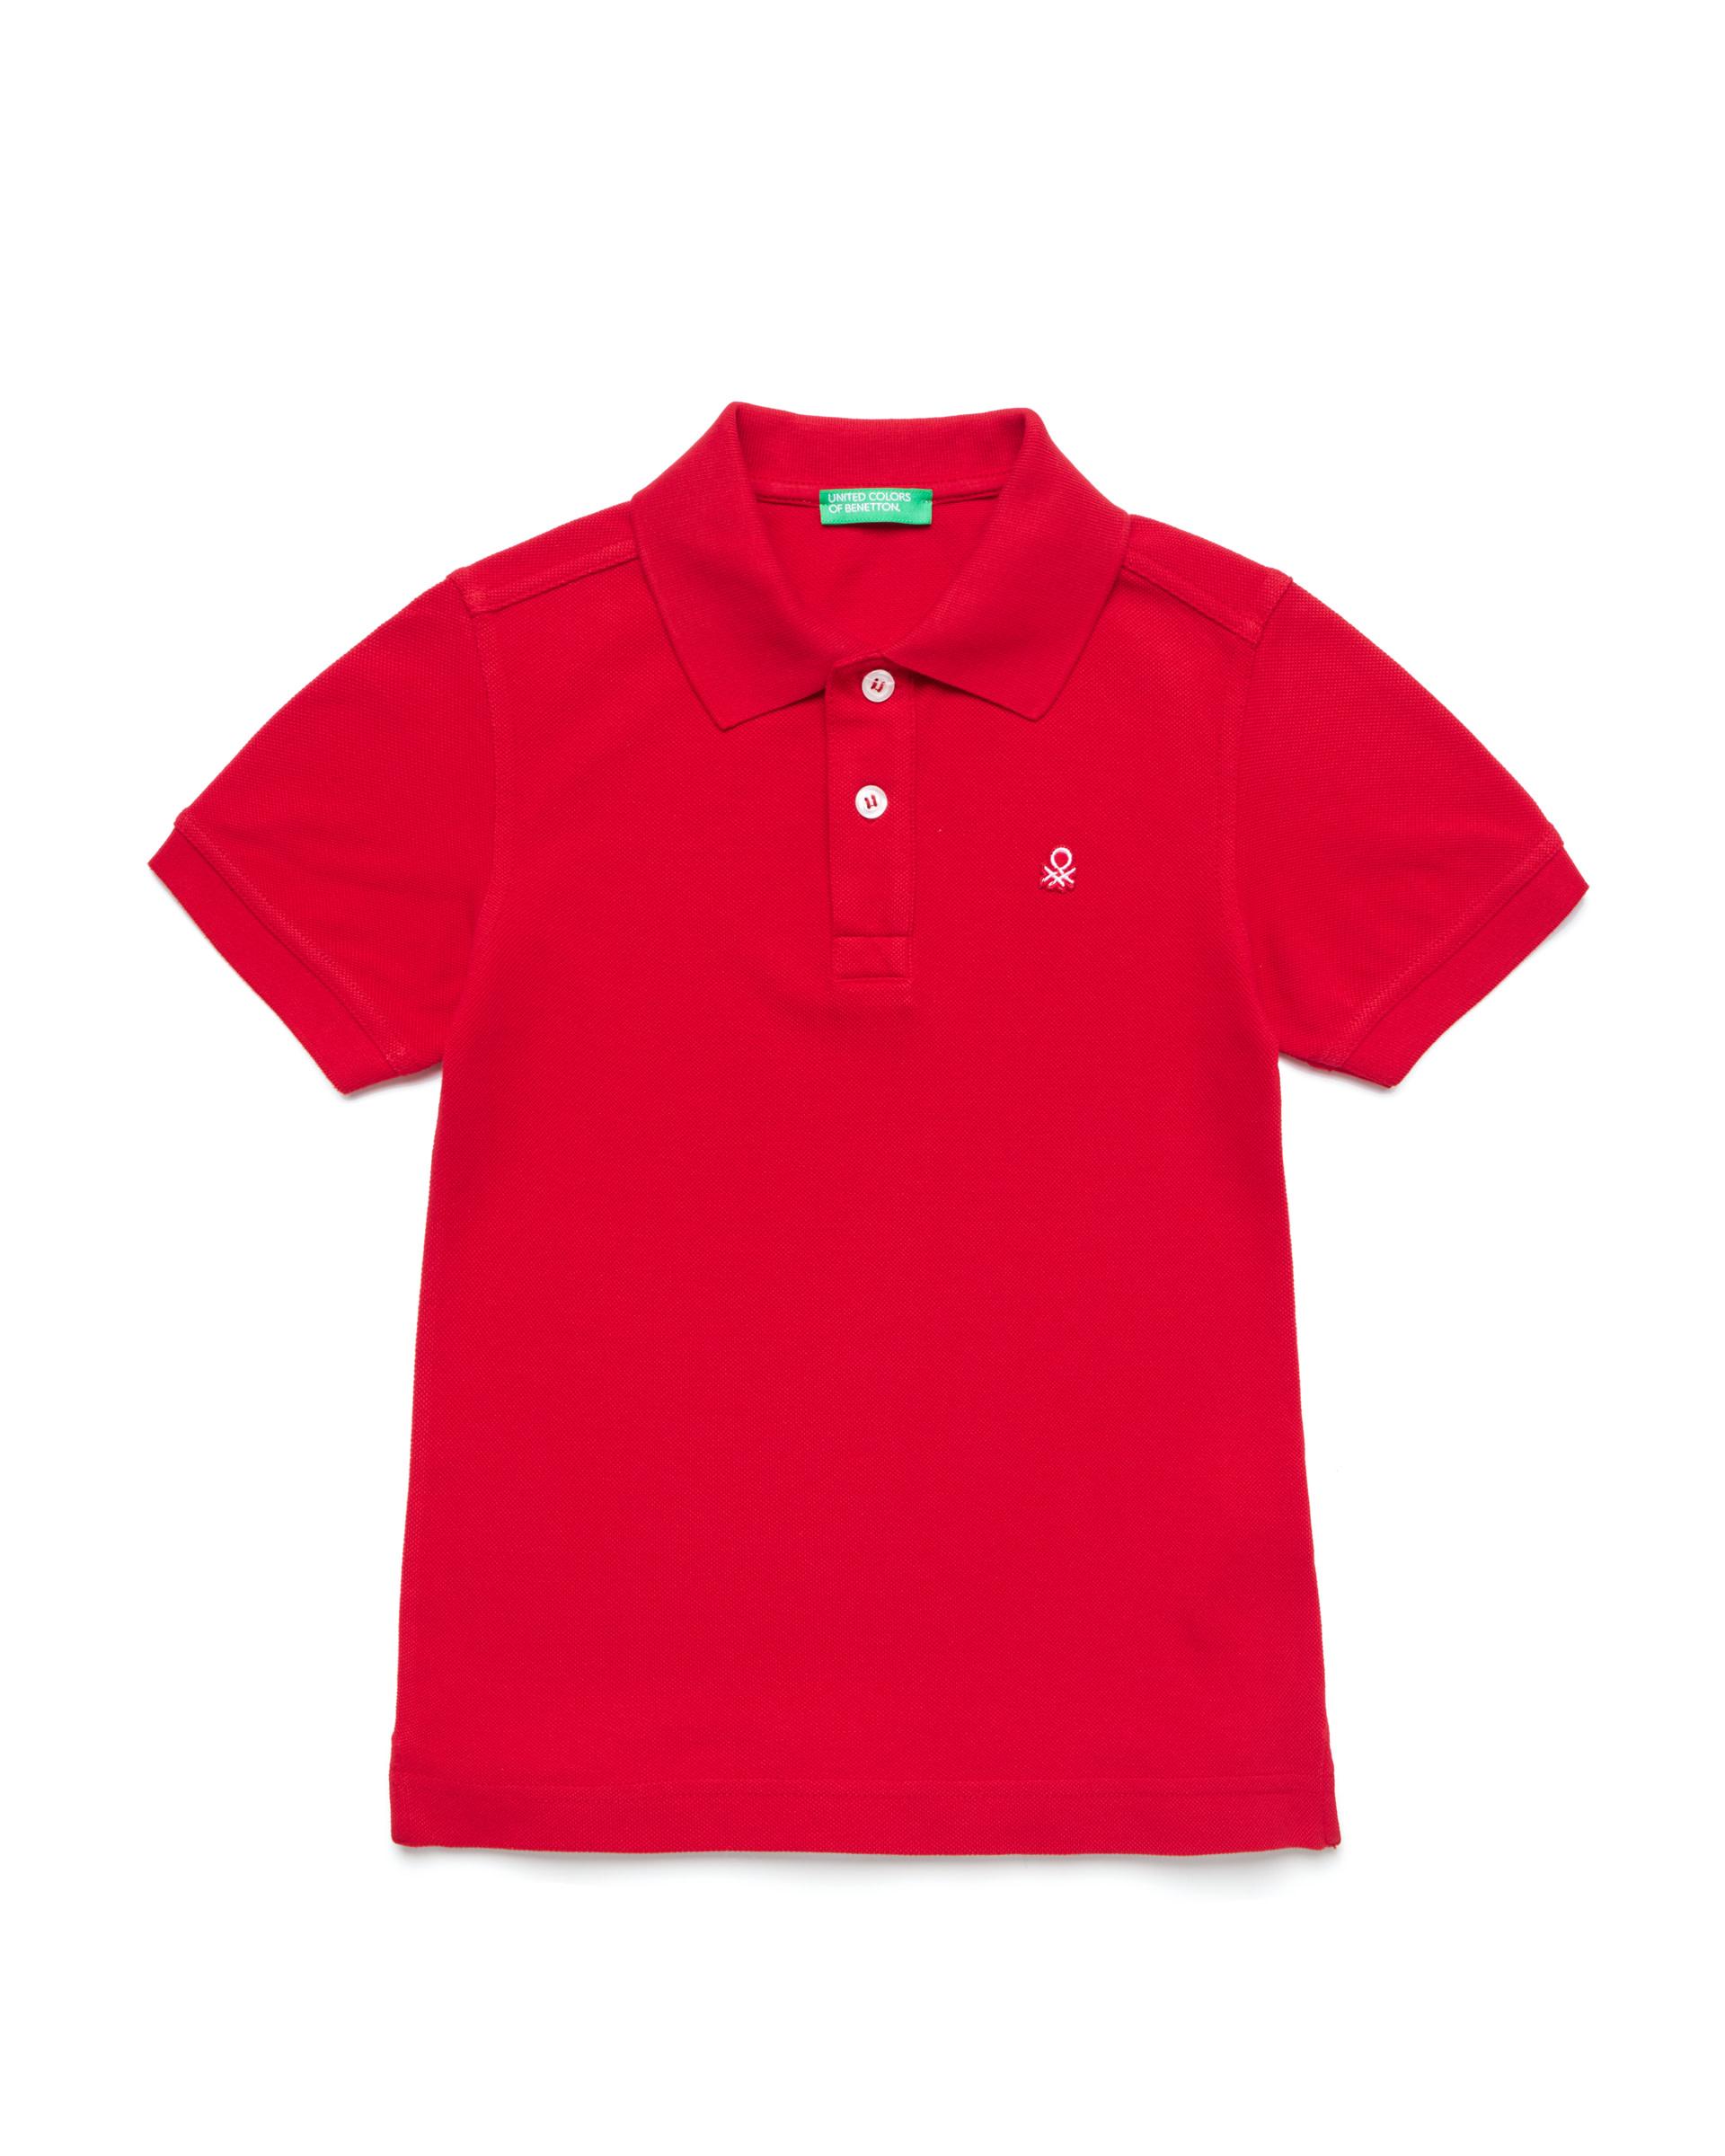 Купить CCC_3089C3091_015, Поло-пике для мальчиков Benetton 3089C3091_015 р-р 80, United Colors of Benetton, Кофточки, футболки для новорожденных